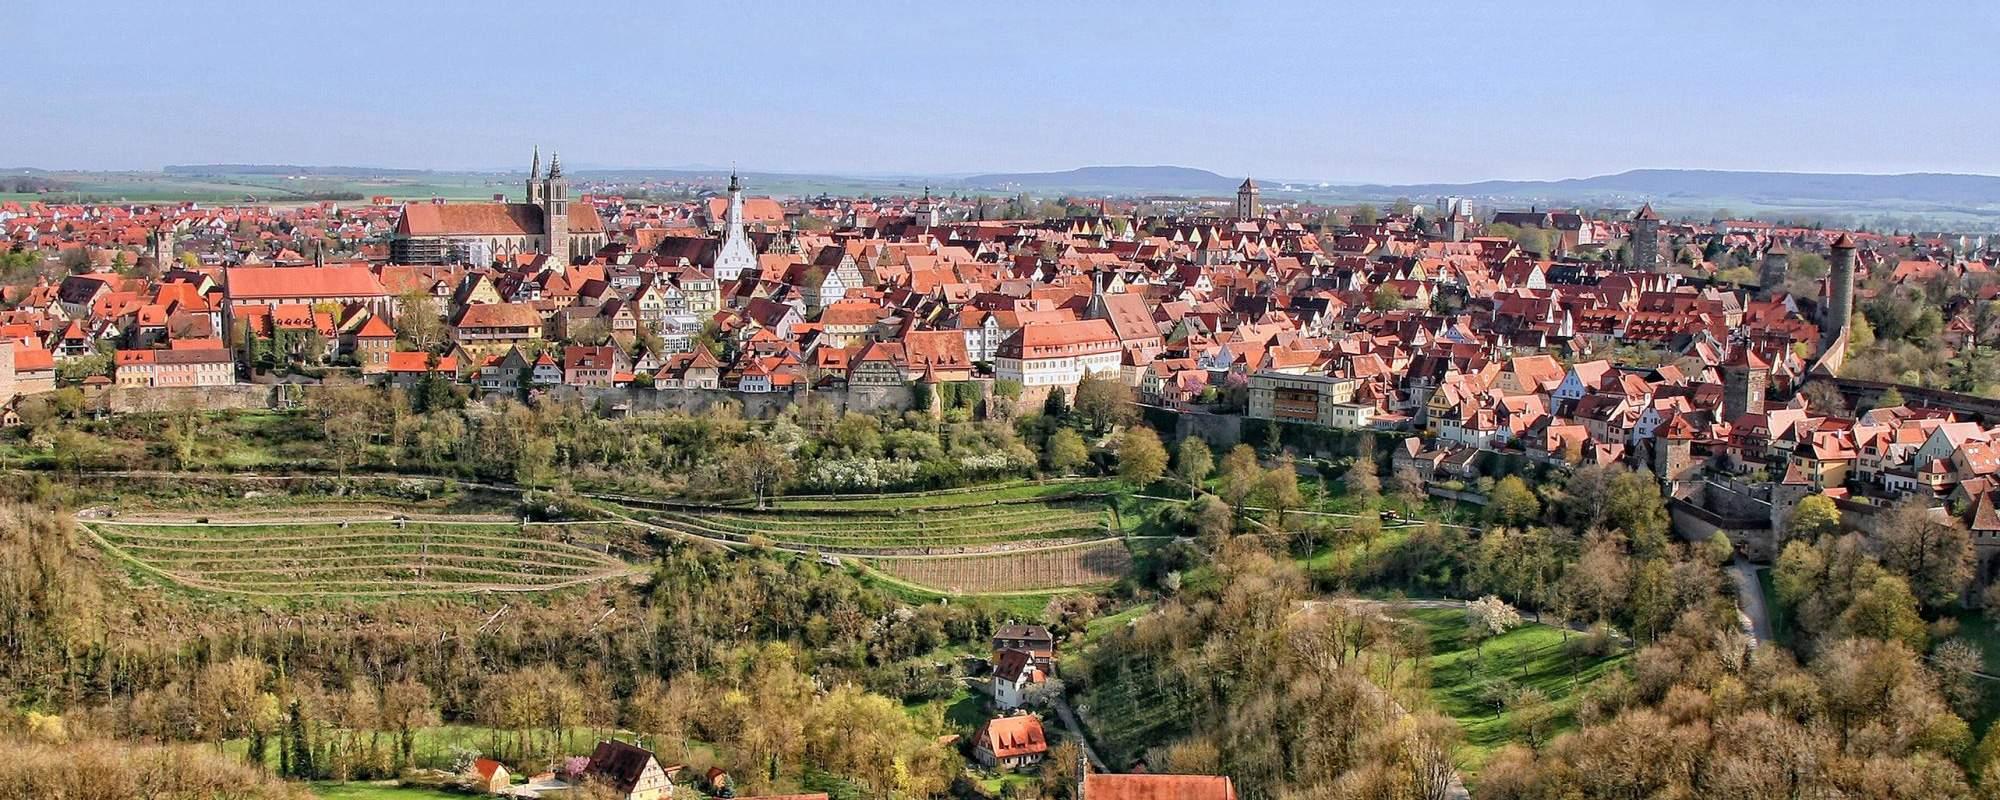 Gemüse Im Garten Das Beste Von Vacaciones En Rothenburg Rothenburg tourism Es